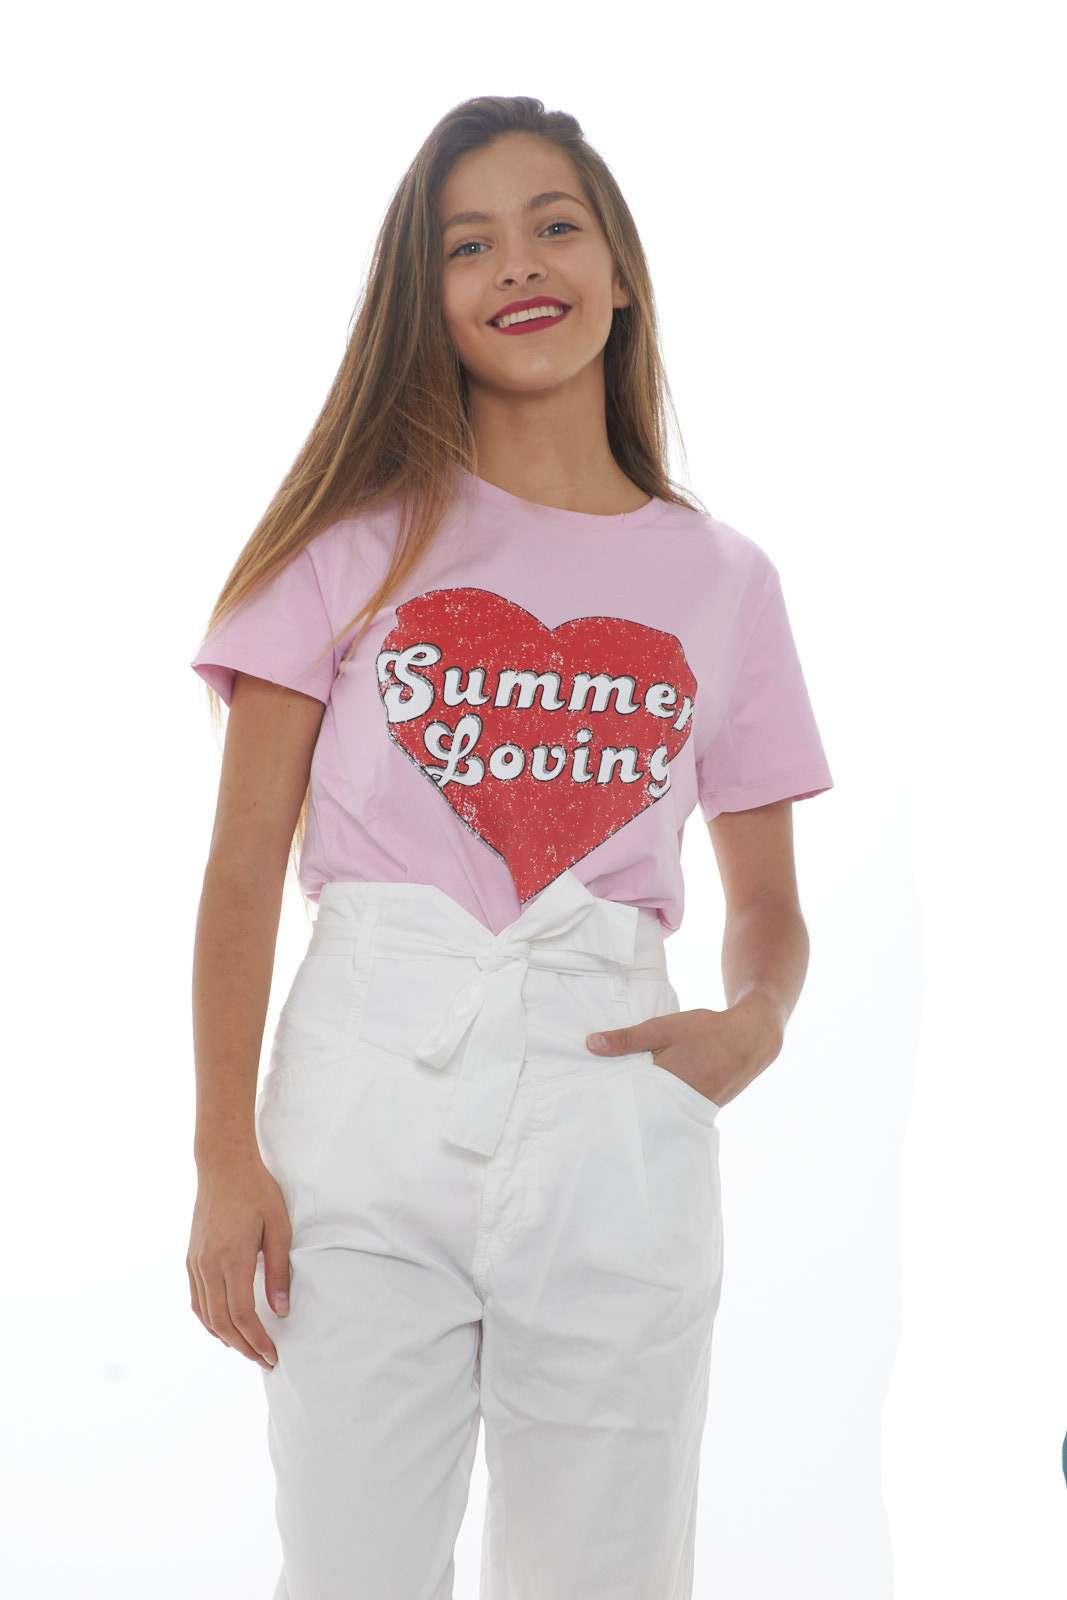 Semplice, colorata e divertente la t-shirt MAZURKA firmata Pinko. Perfetta per la primavera estate, e per la donna che ama look vivaci e allegri. La modella è alta 1.68m e indossa la taglia XS